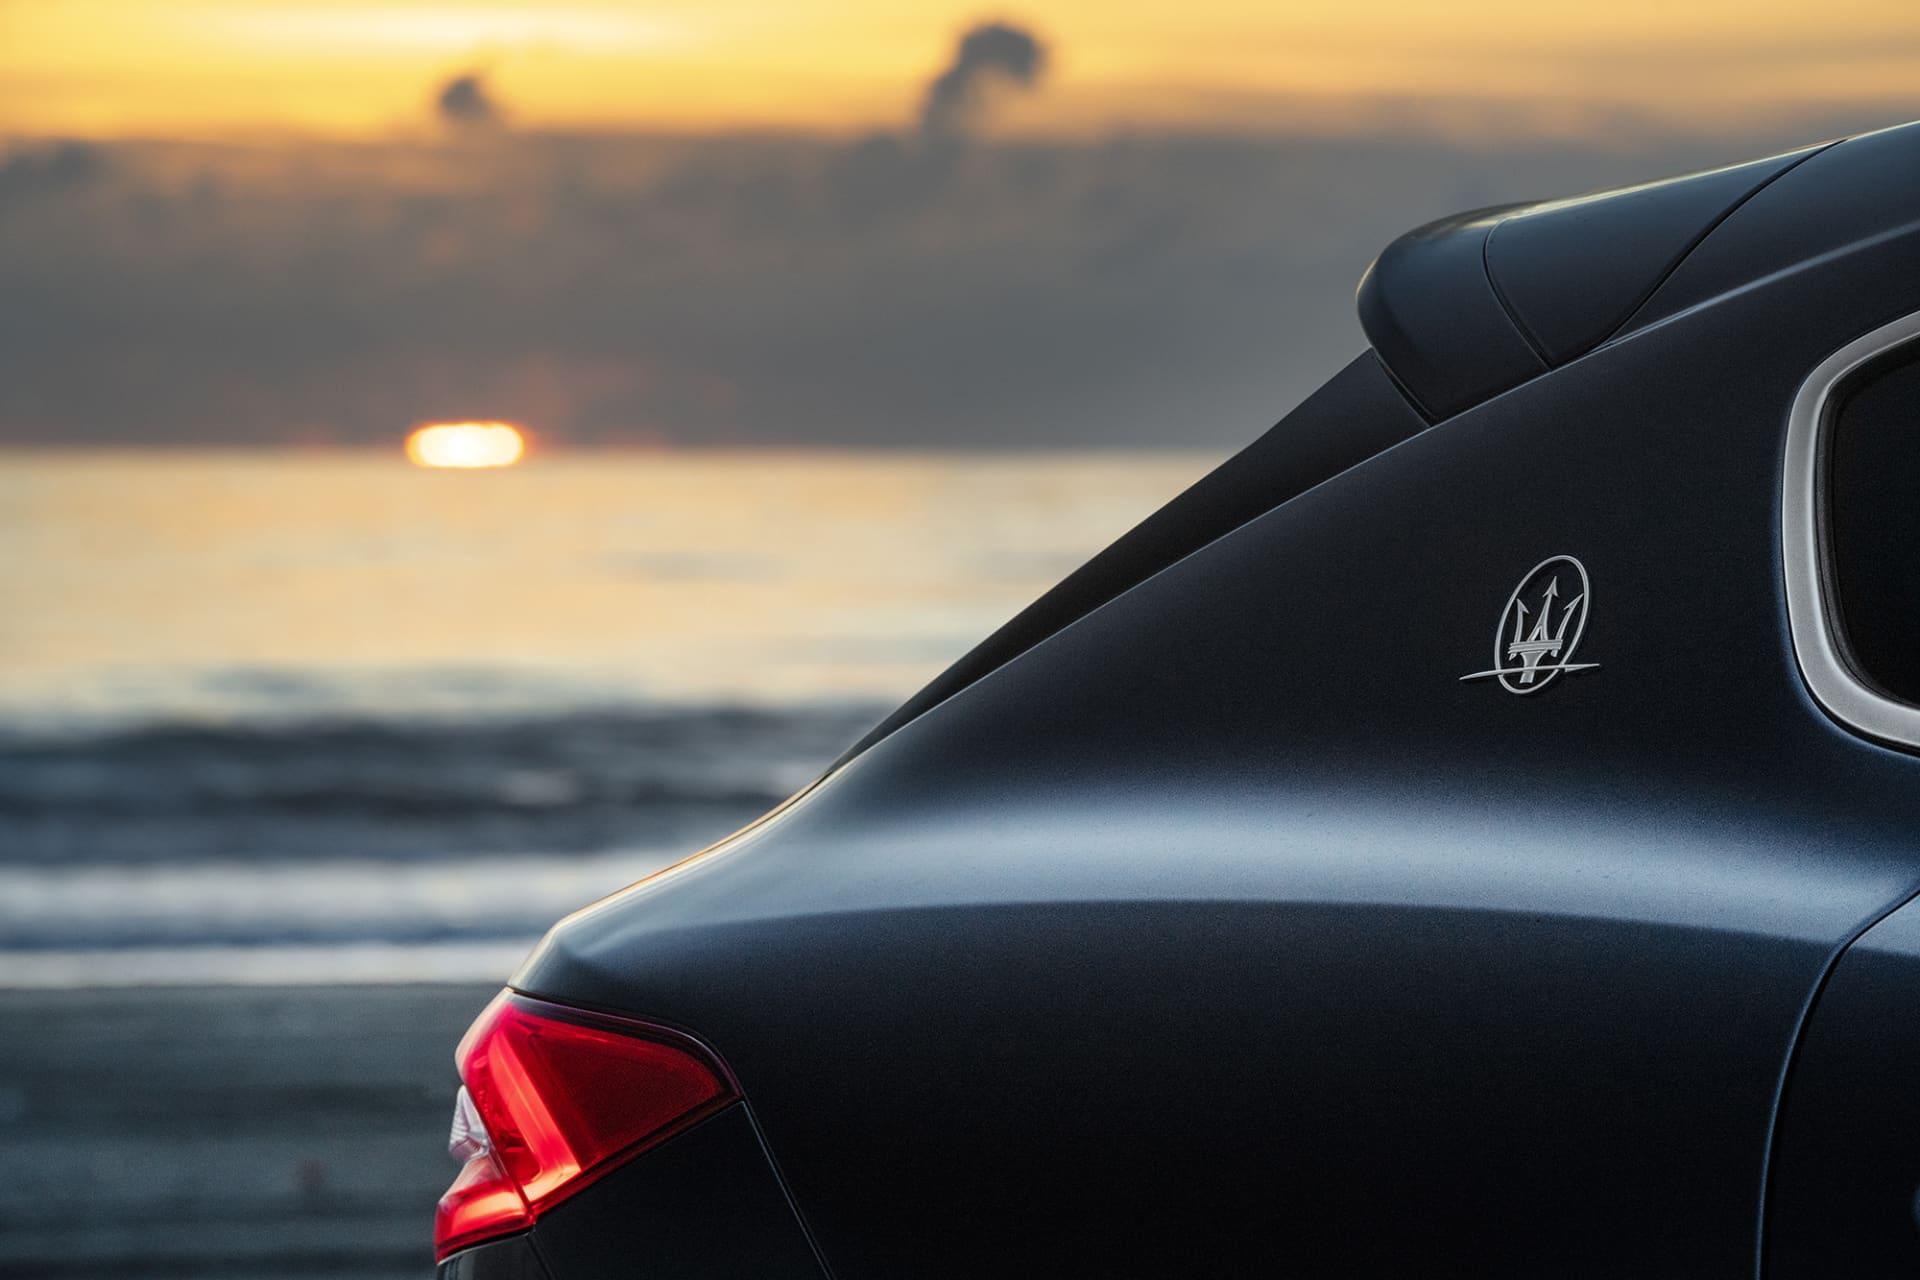 I solnedgången vid havet kan man nästan höra Neptunus kalla på Levanten för att återförenas med honom. Hans vapen treudden är placerat på c-stolpen precis som på övriga Maserati modeller.